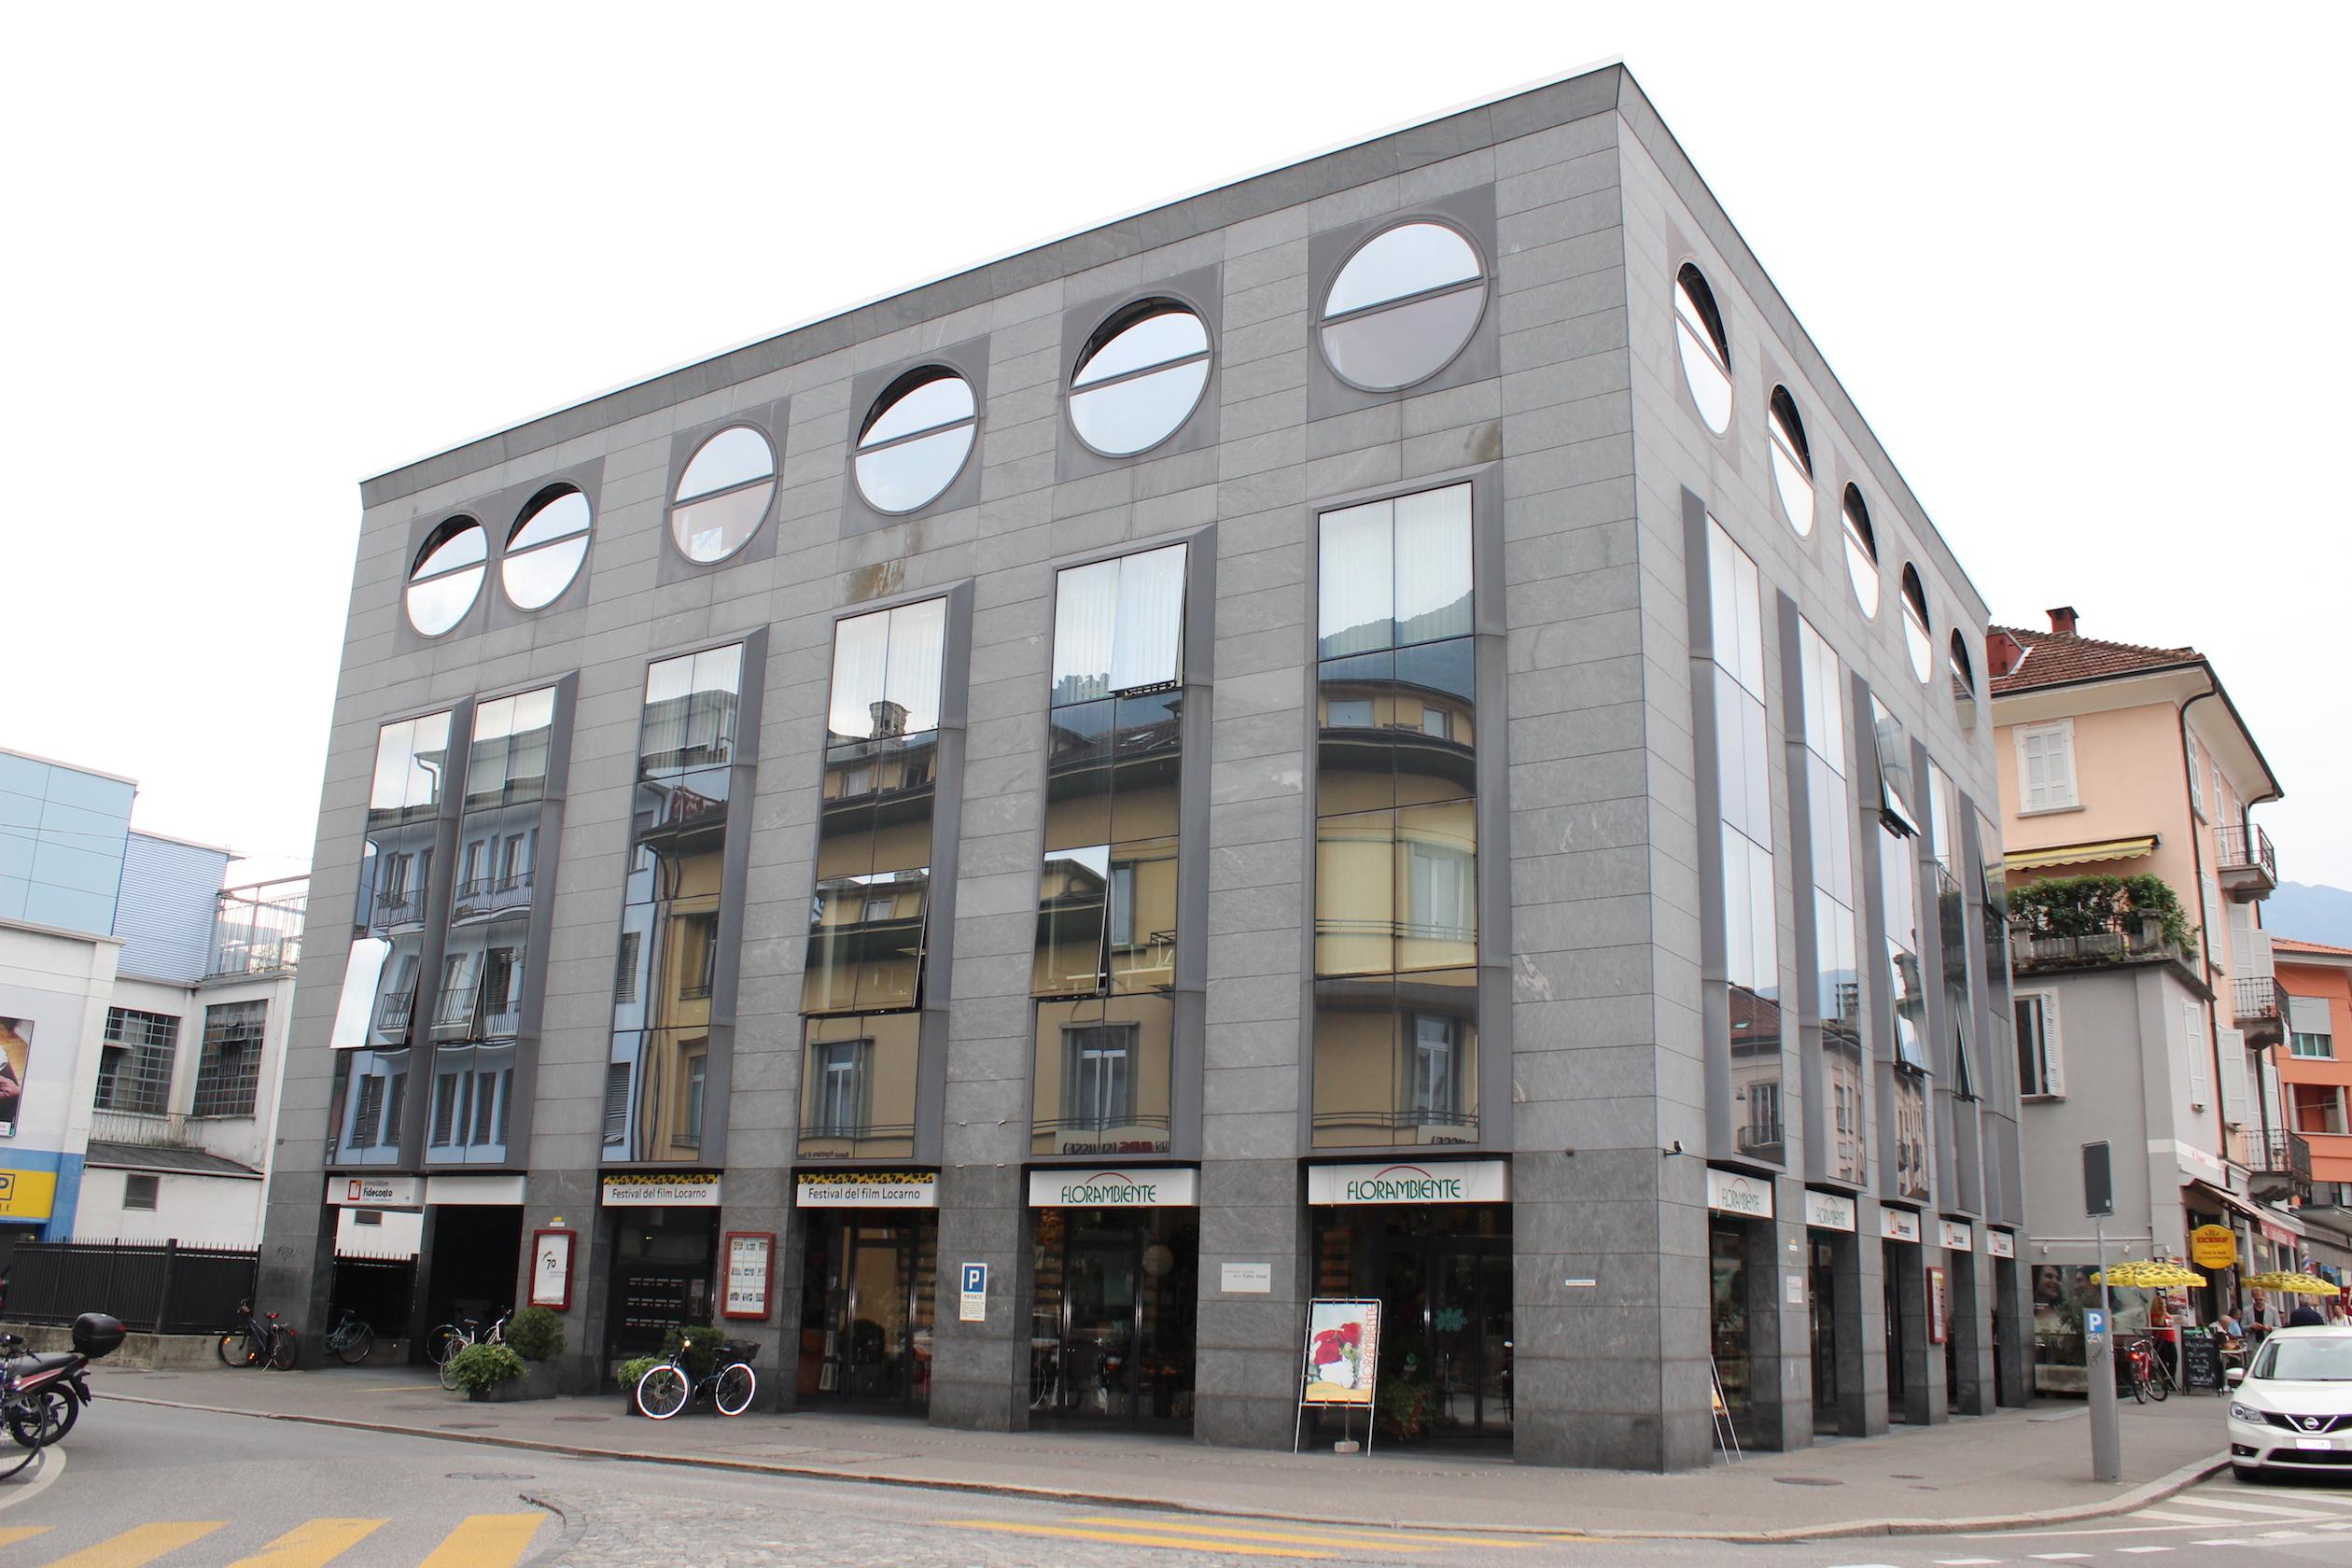 Ufficio Lavoro Locarno : Immobiliare guerra locarno ticino svizzera u affittasi ufficio